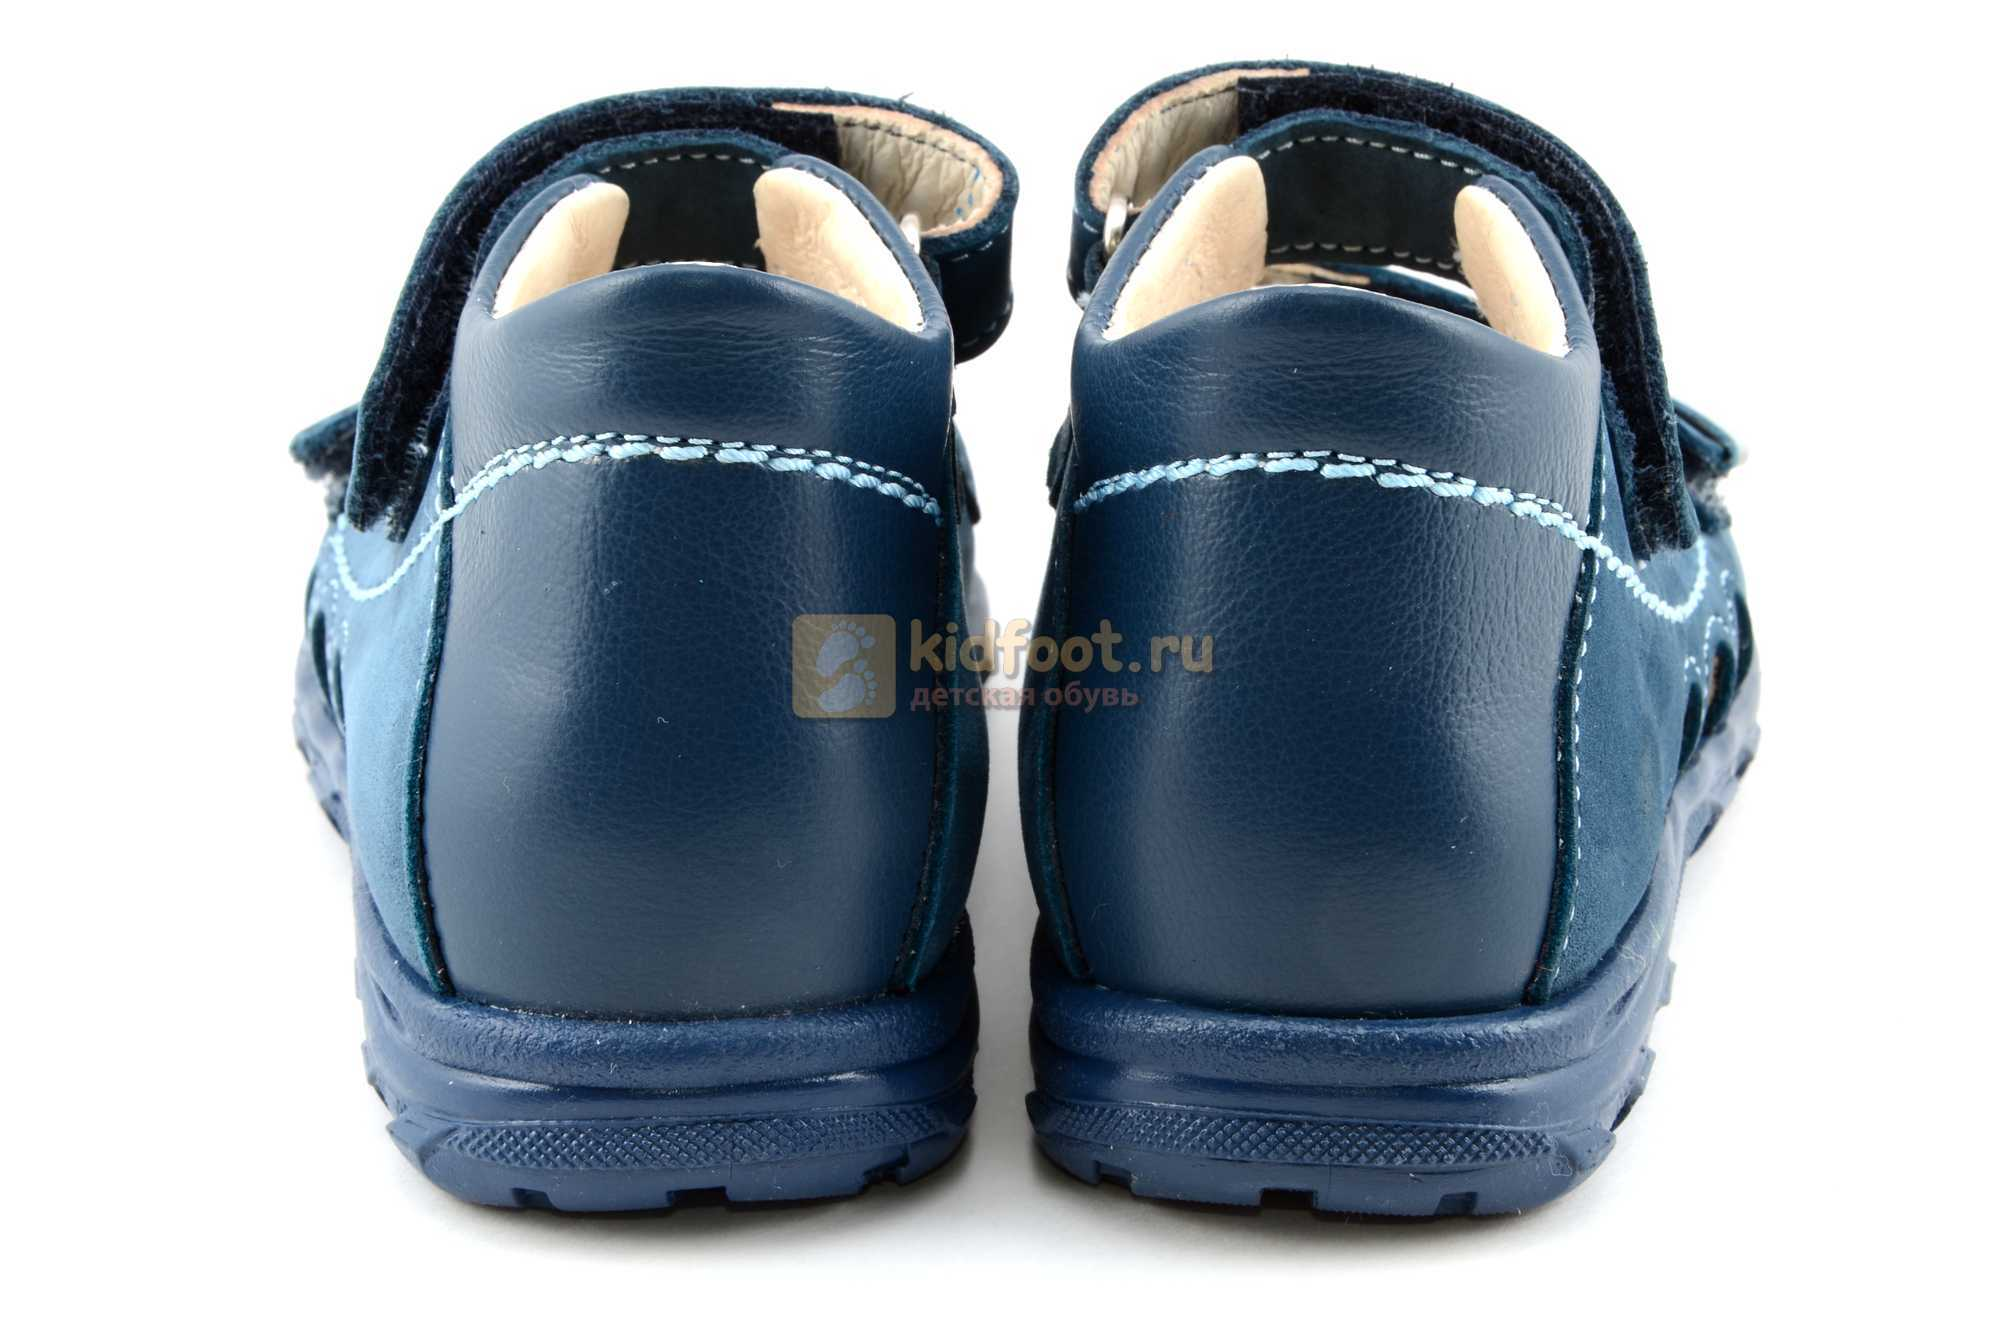 Сандалии Тотто из натуральной кожи с открытым носом для мальчиков, цвет джинс голубой